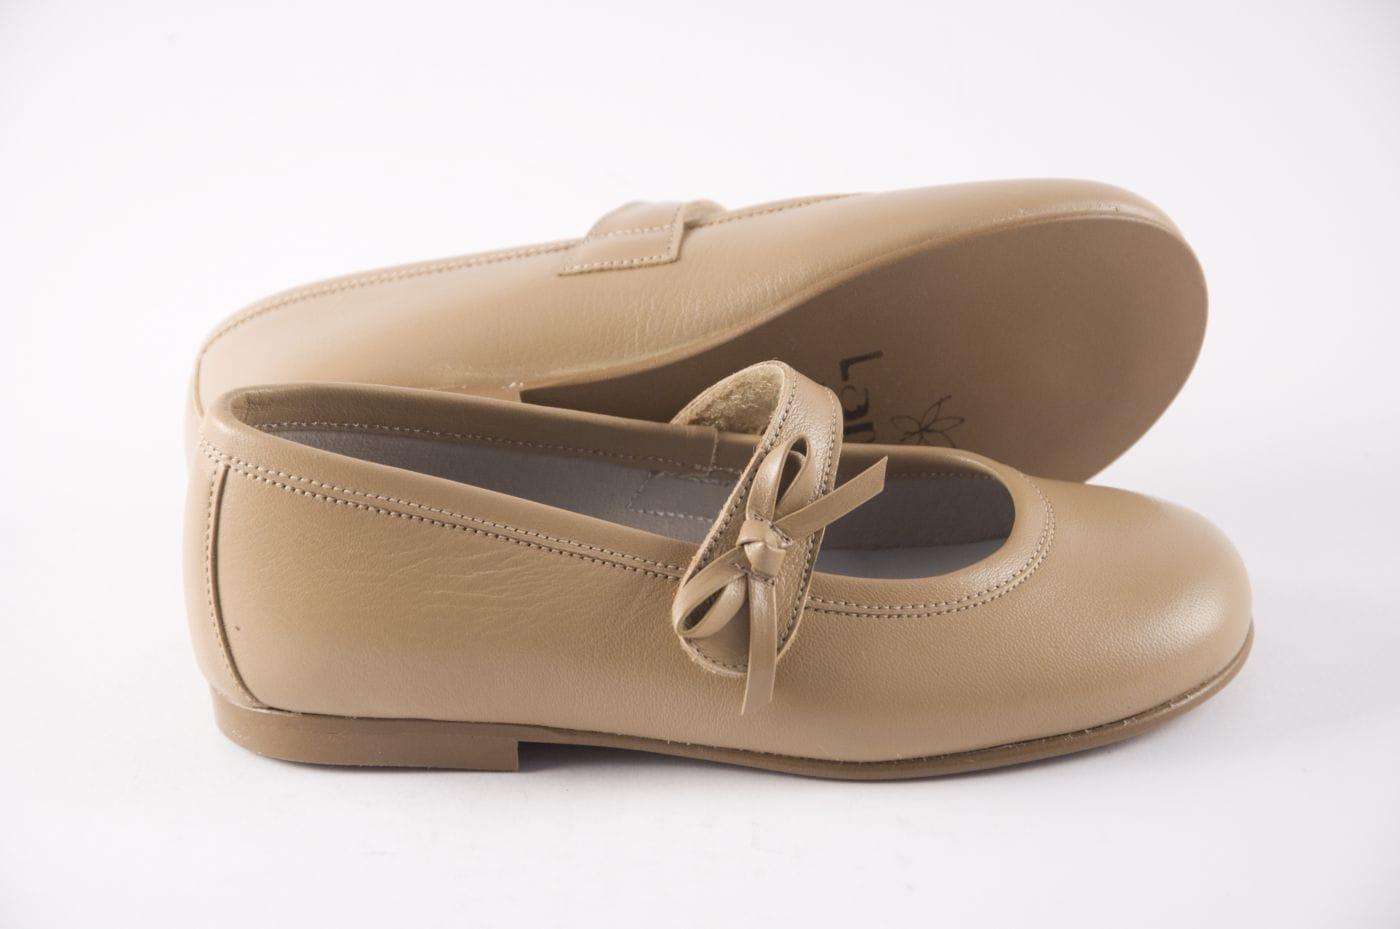 7f8fbf5bd Comprar zapato tipo JOVEN NIÑA estilo MERCEDES COLOR CAMEL PIEL ...